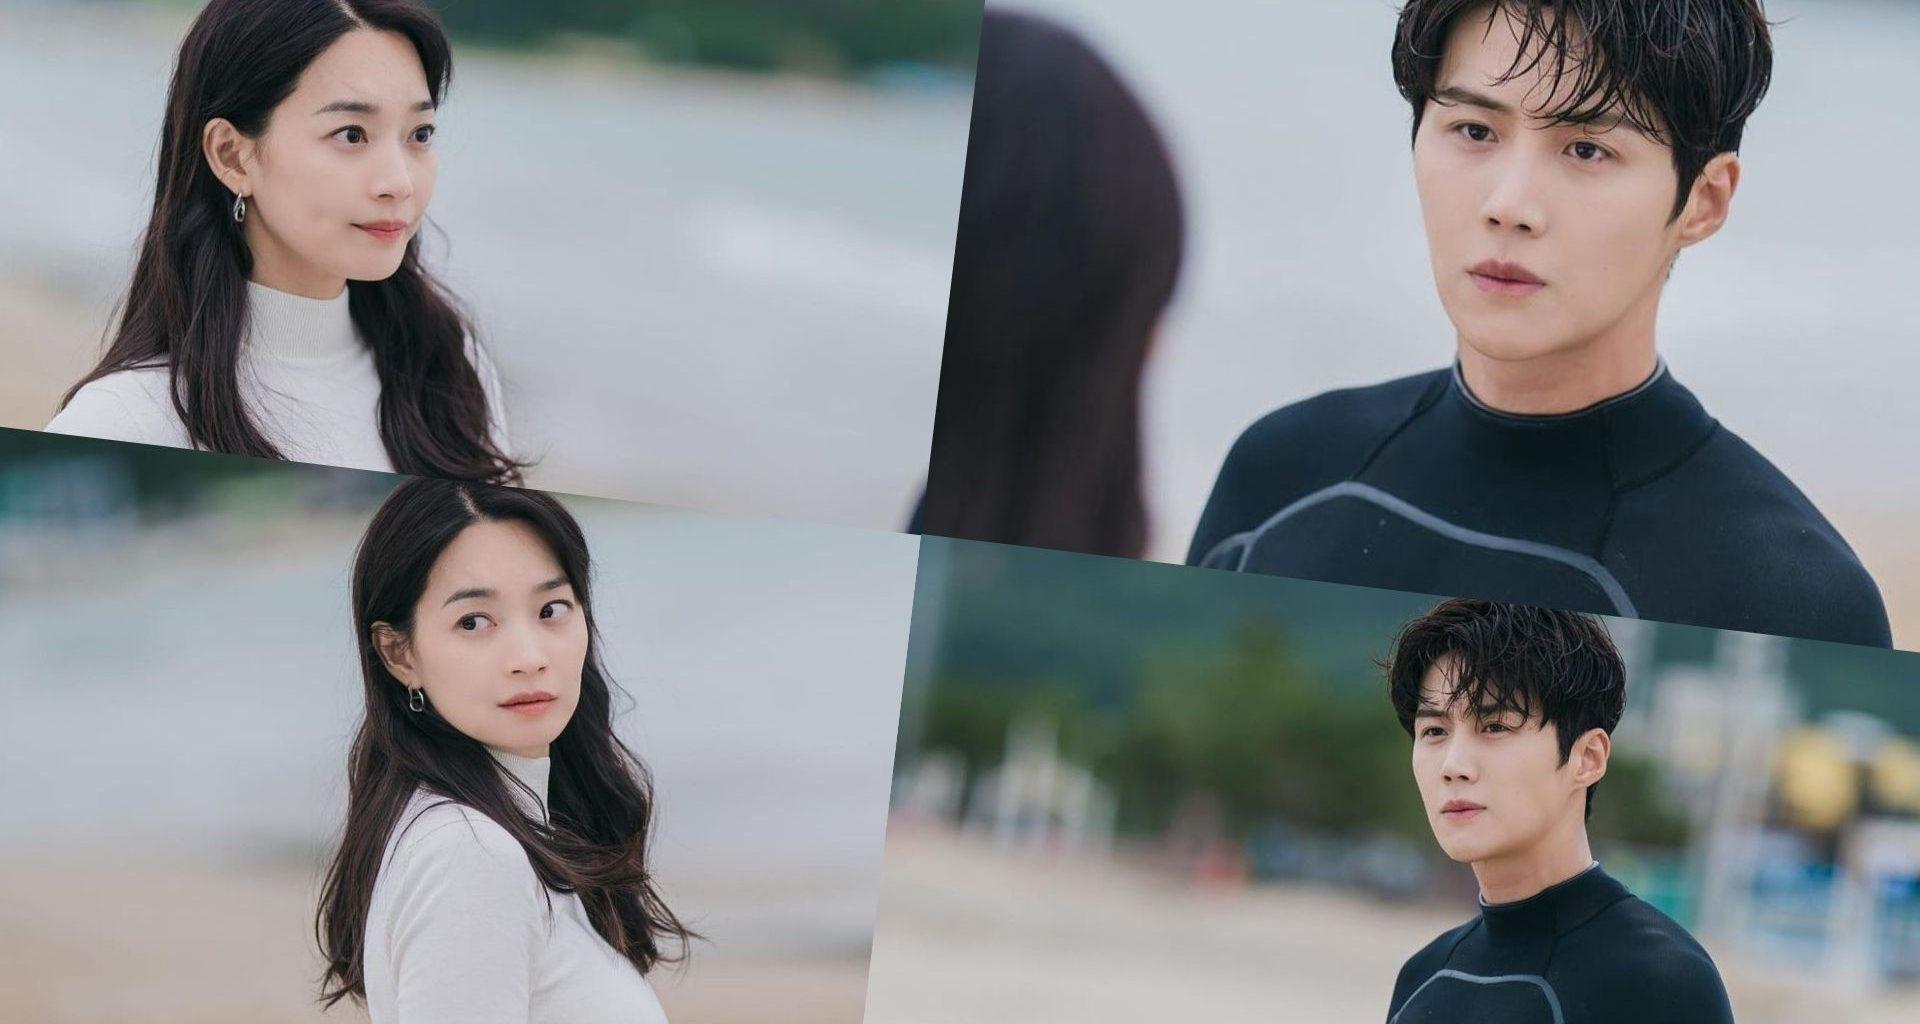 """Chemistry of Kim Seon Ho and Shin Min Ah in """"Hometown Cha Cha Cha"""""""